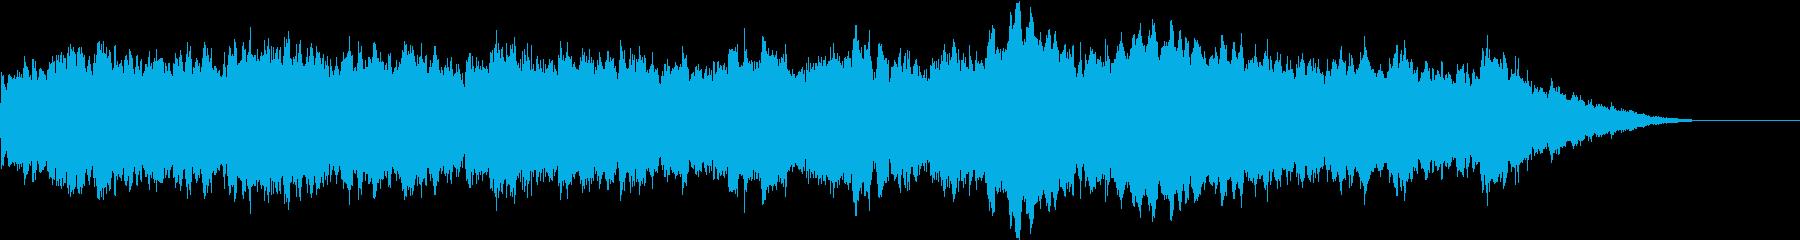 柔らかで優しいRPG系オーケストラBGMの再生済みの波形